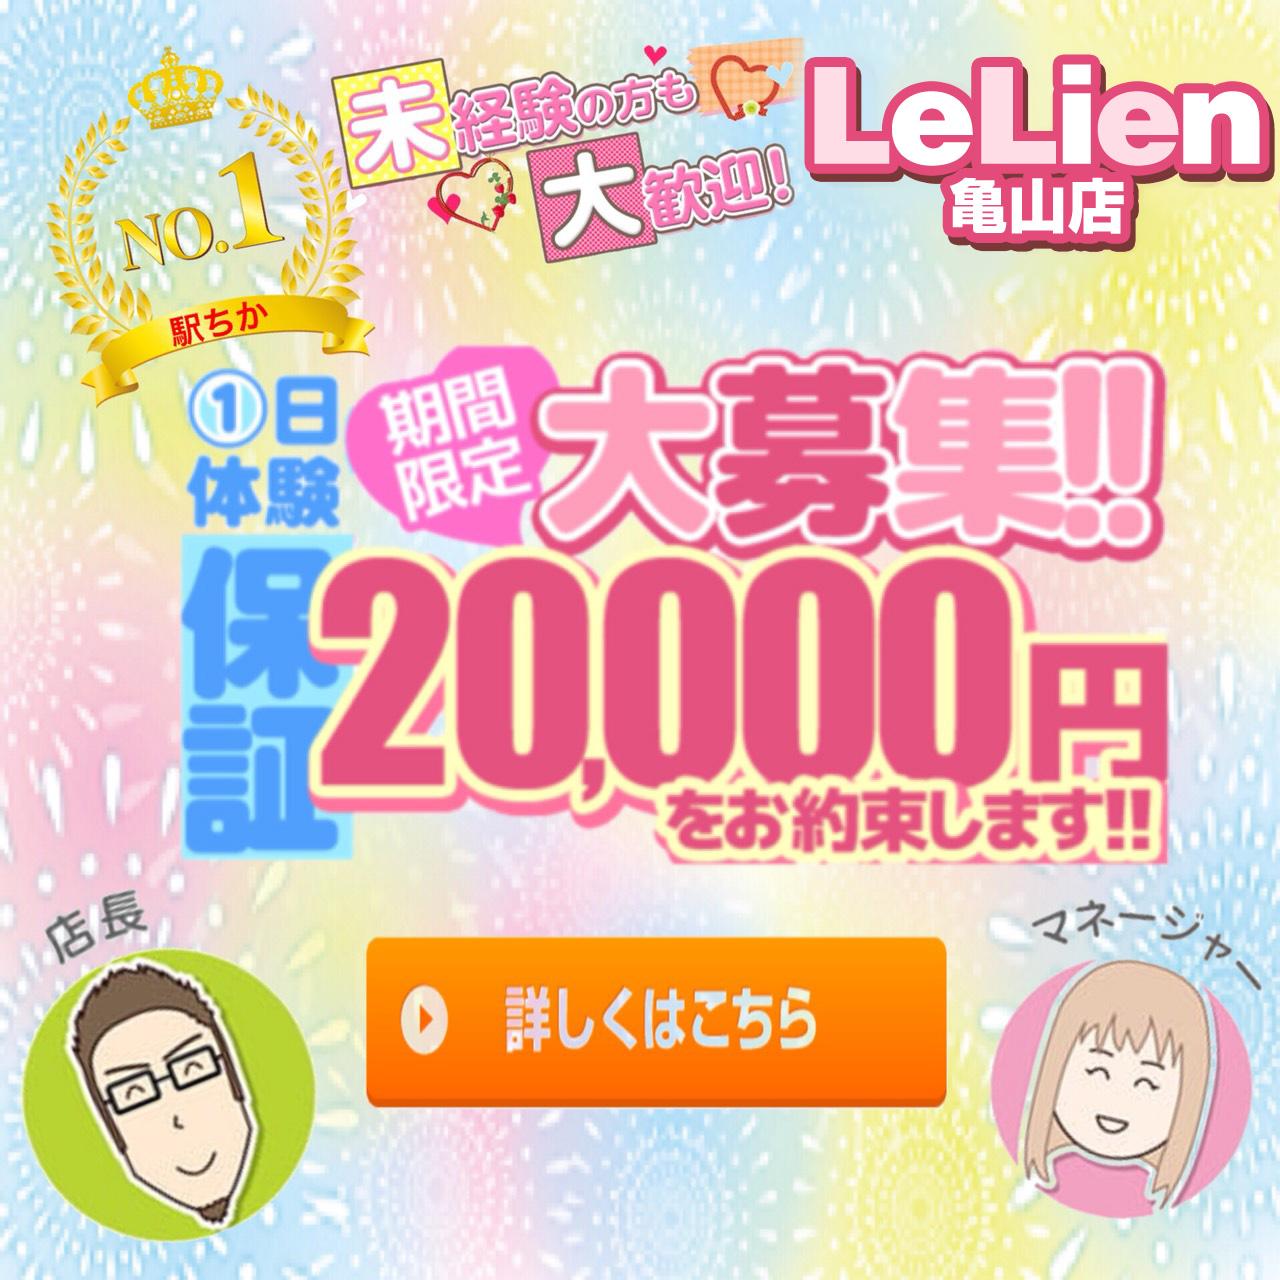 Le Lien亀山店 - 亀山・関